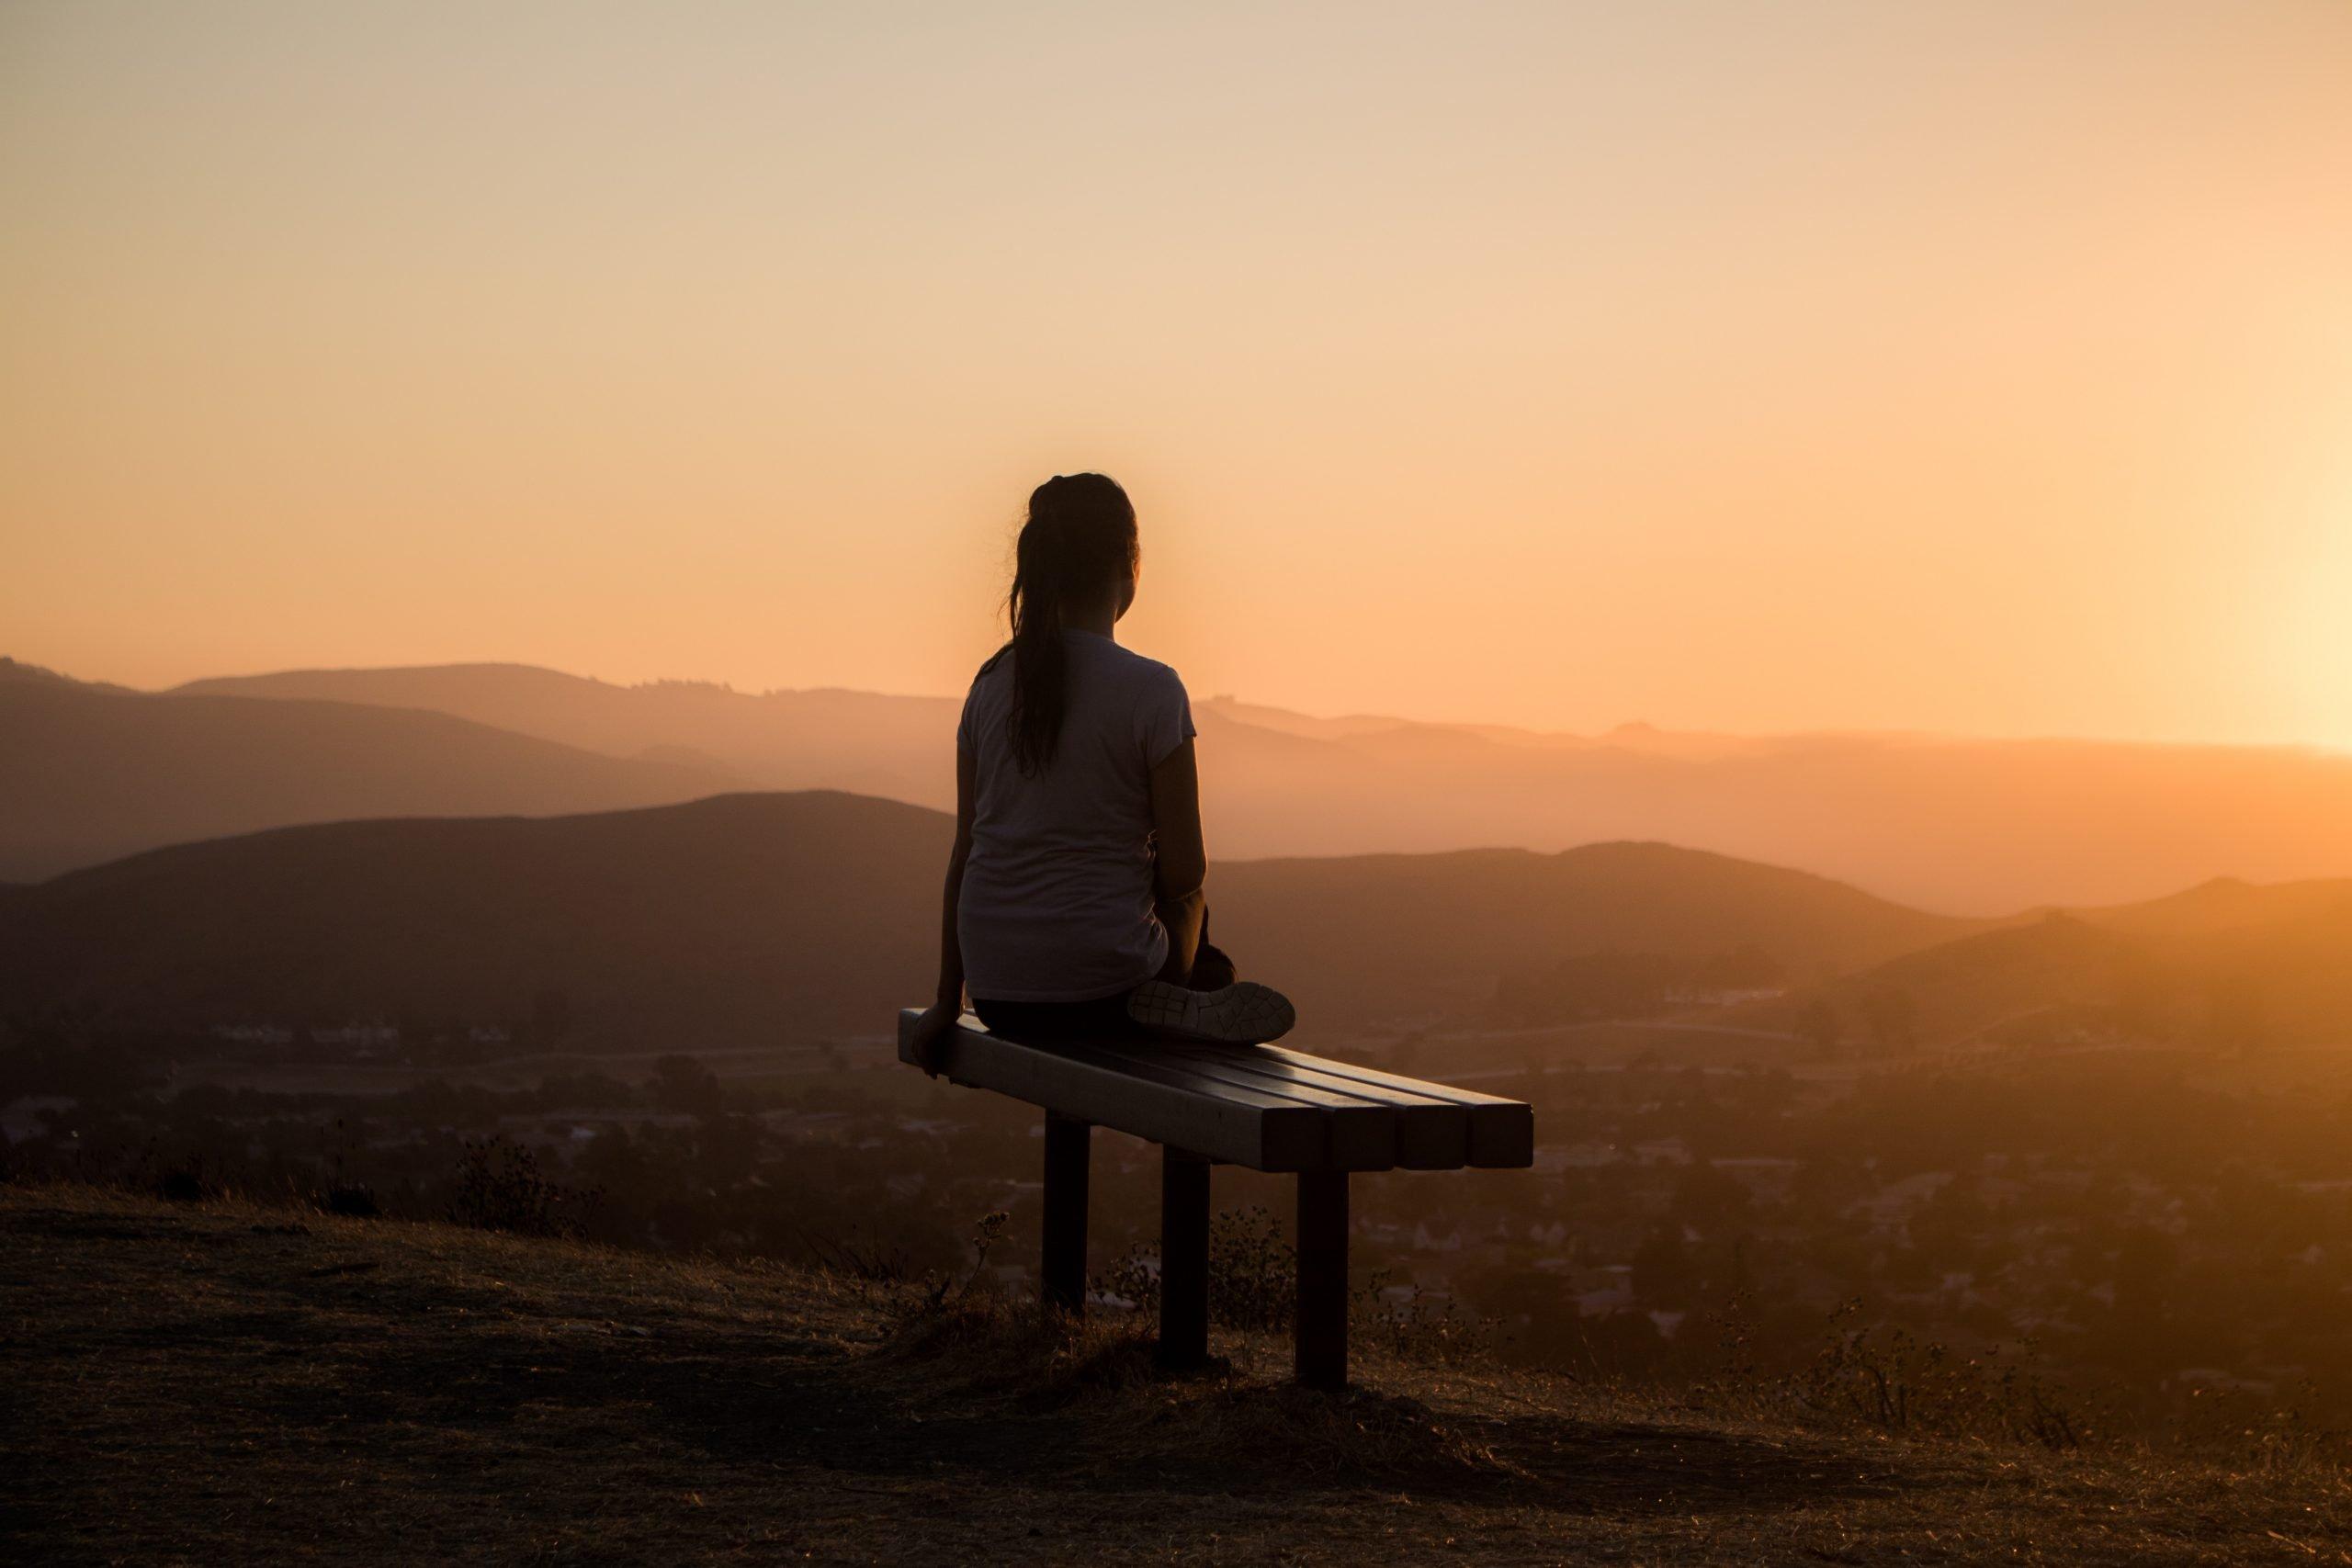 person nature contemplative